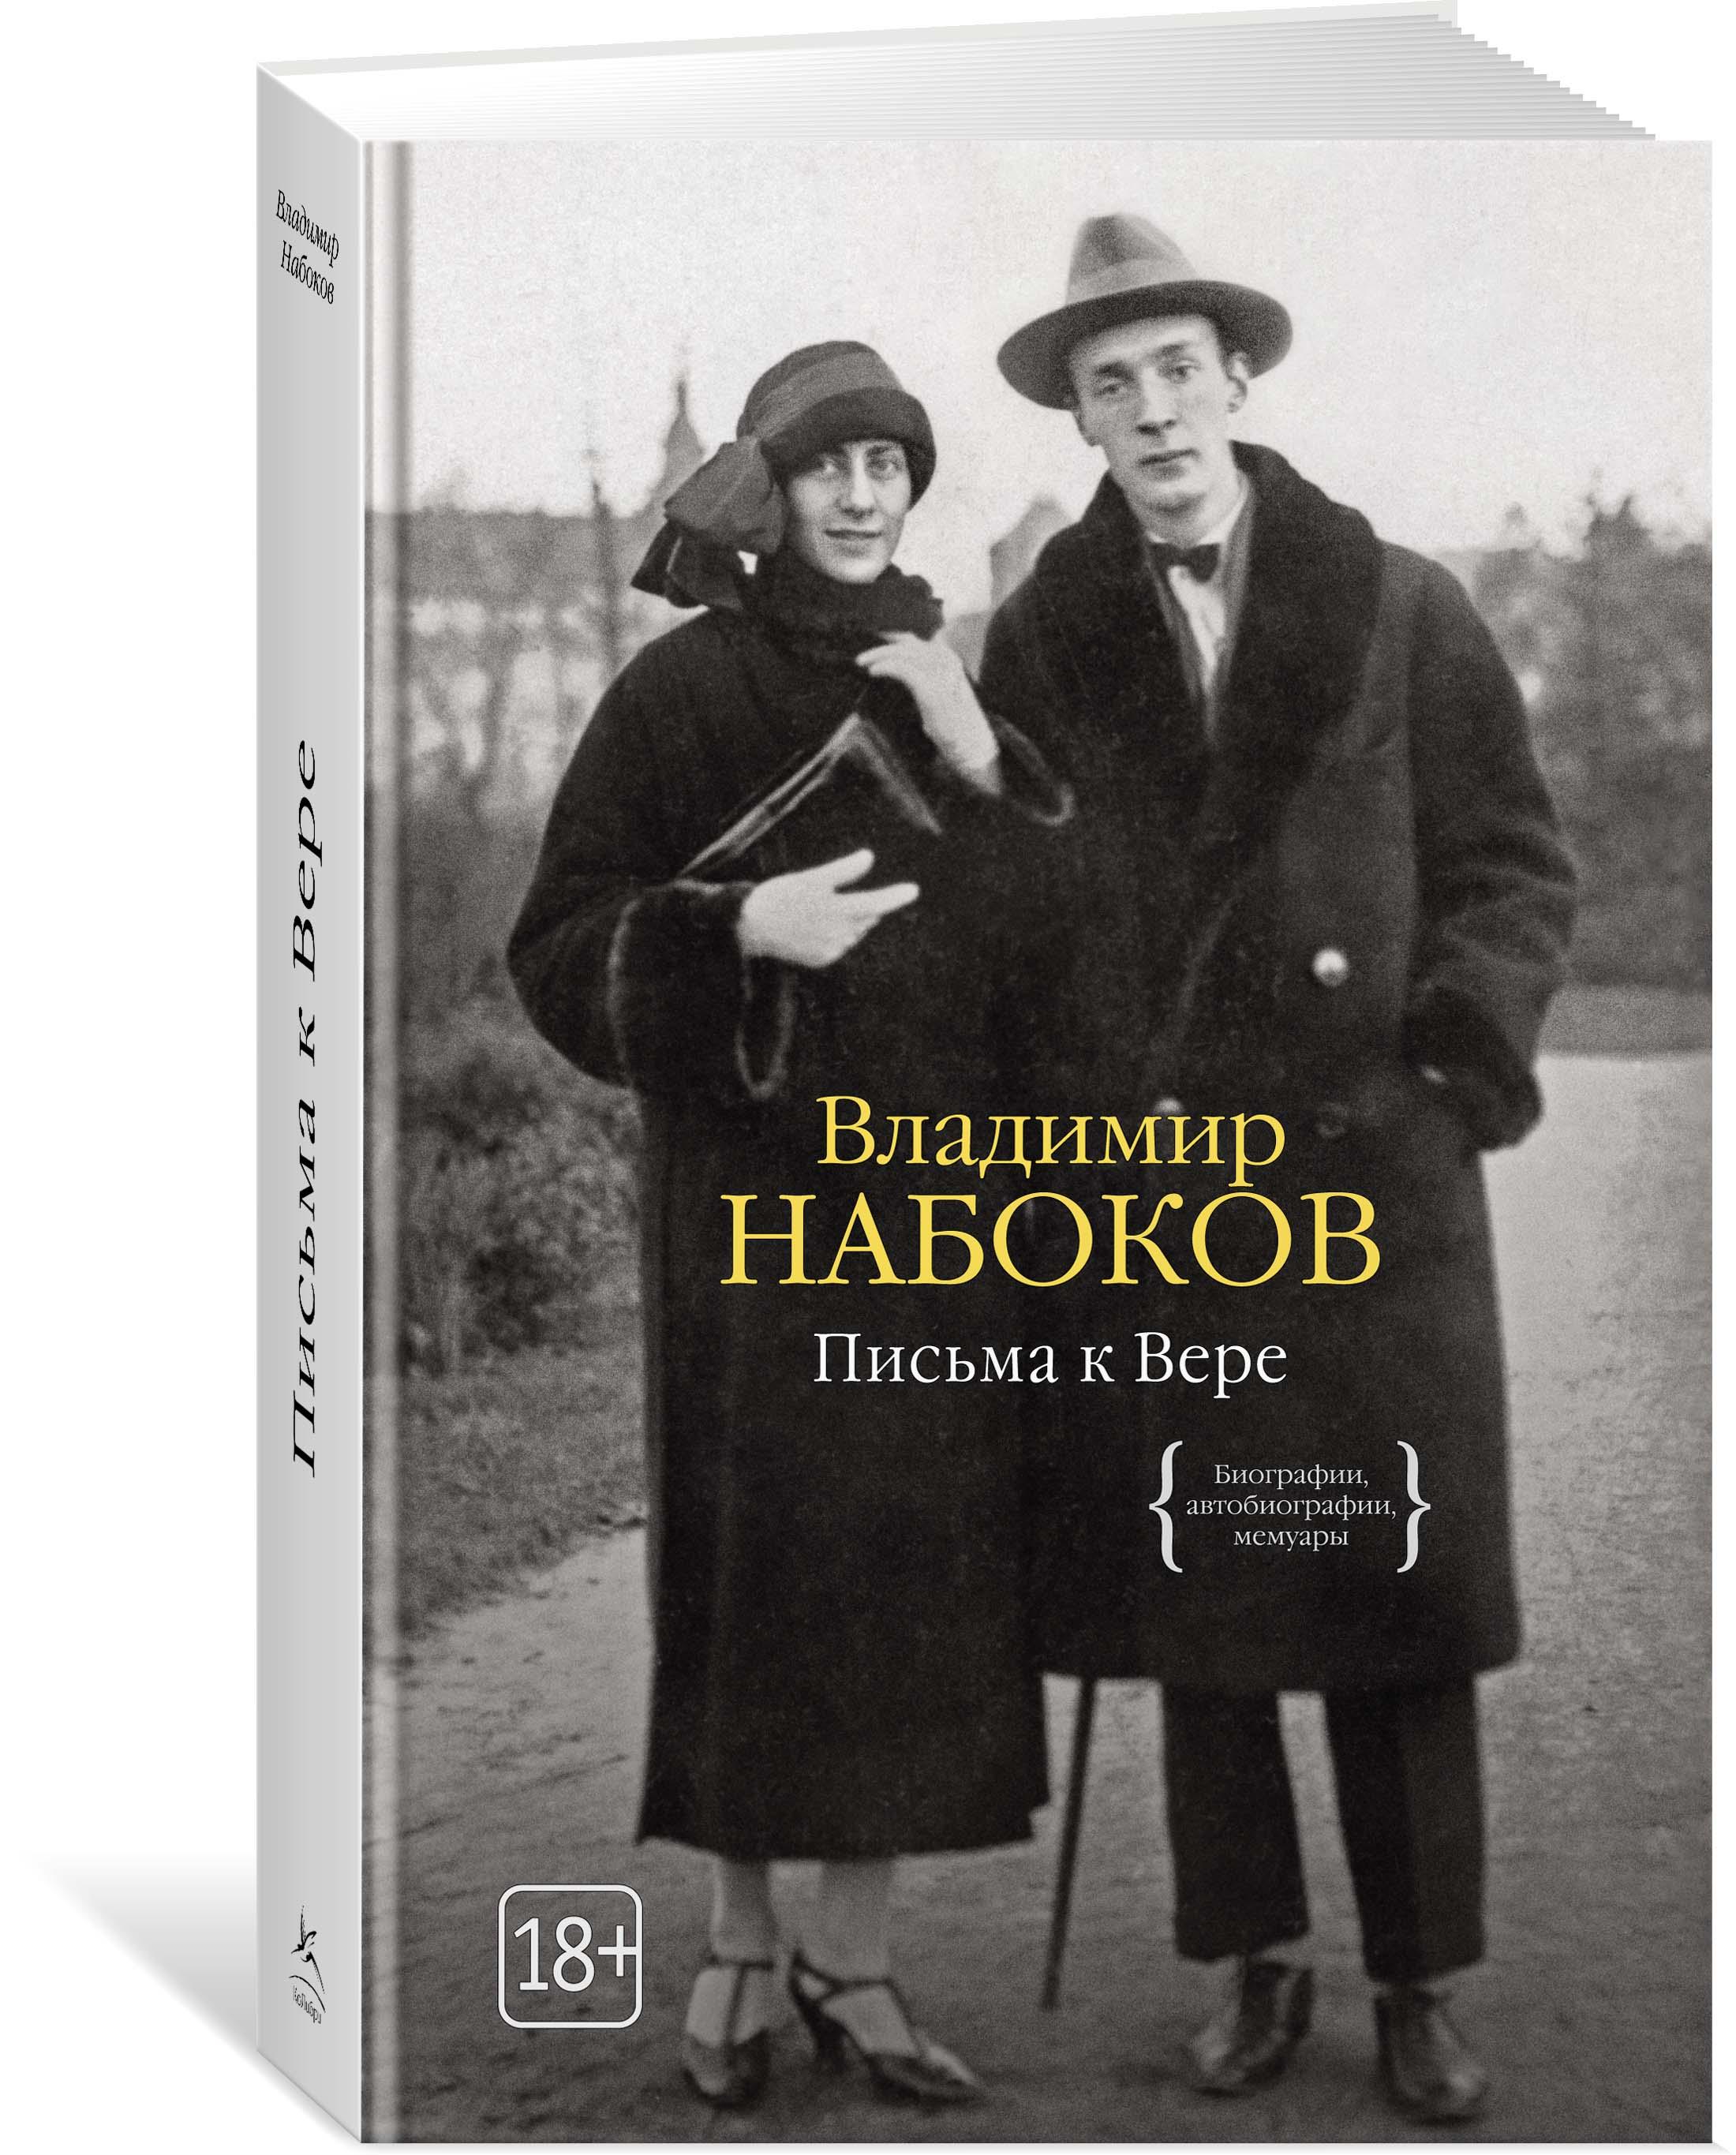 Владимир Набоков Письма к Вере